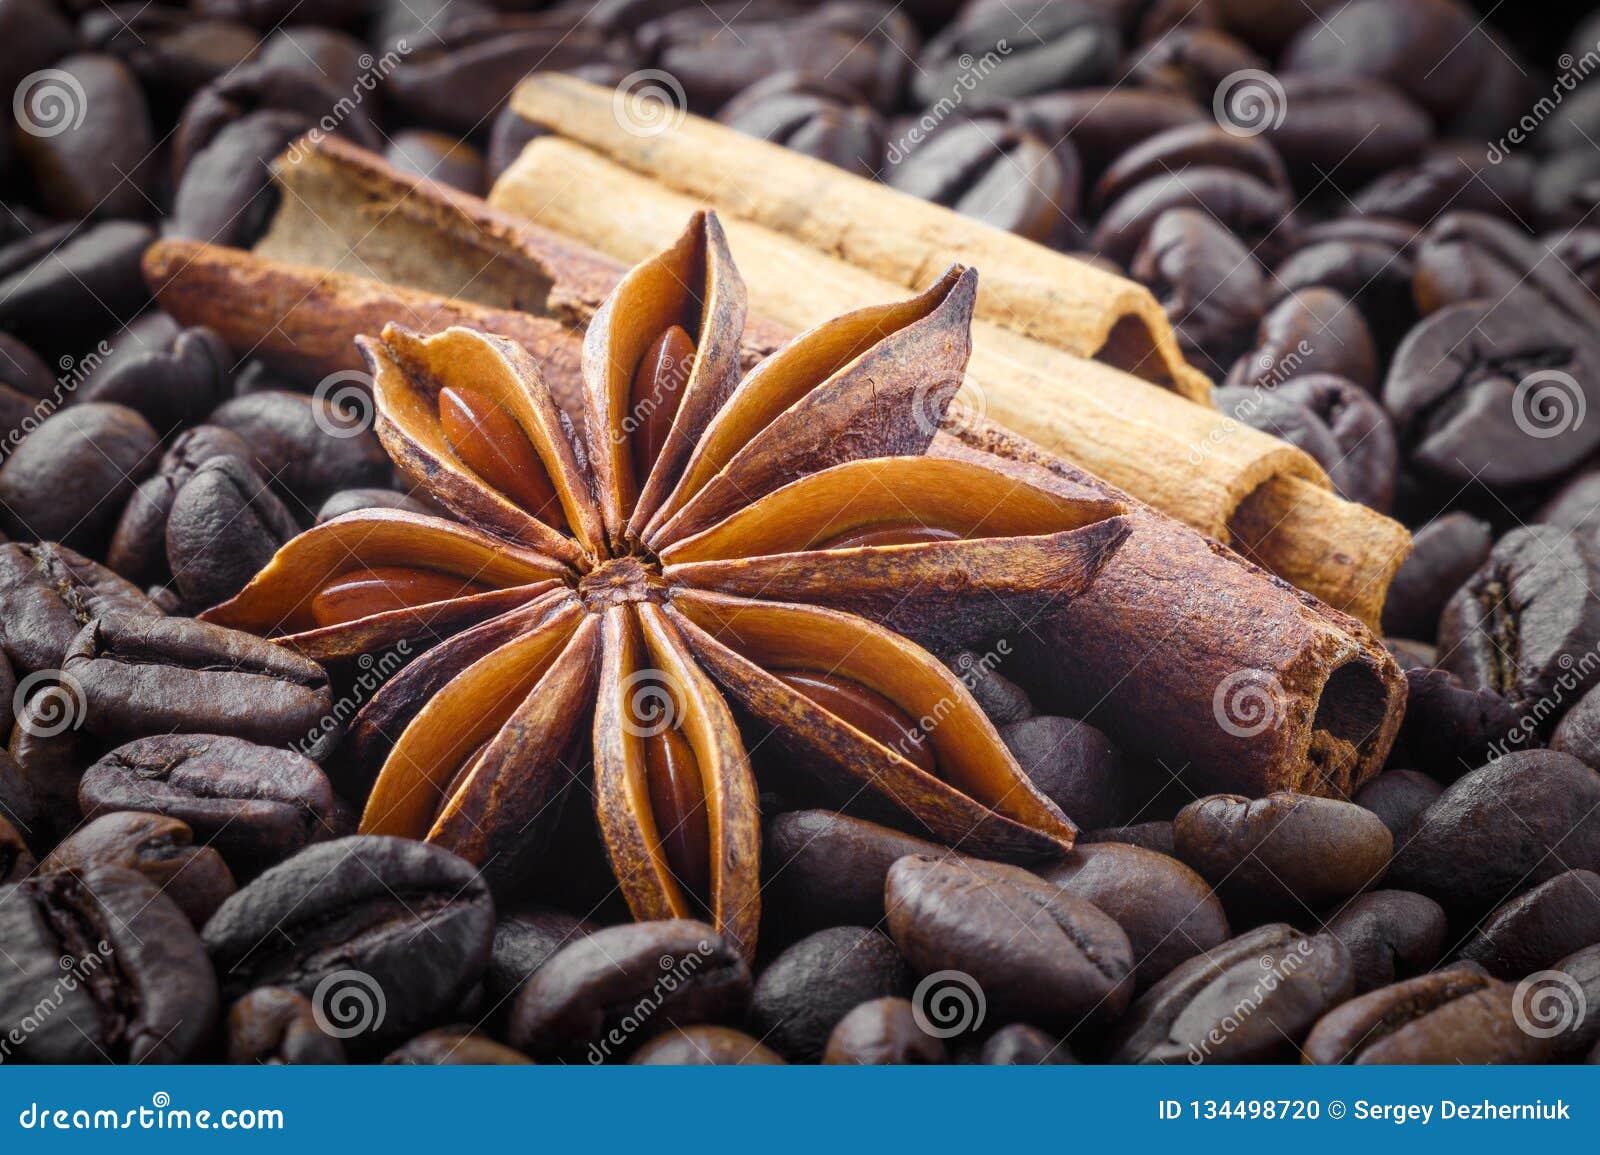 Especiarias; anis de estrela, canela no fundo de feijões de café